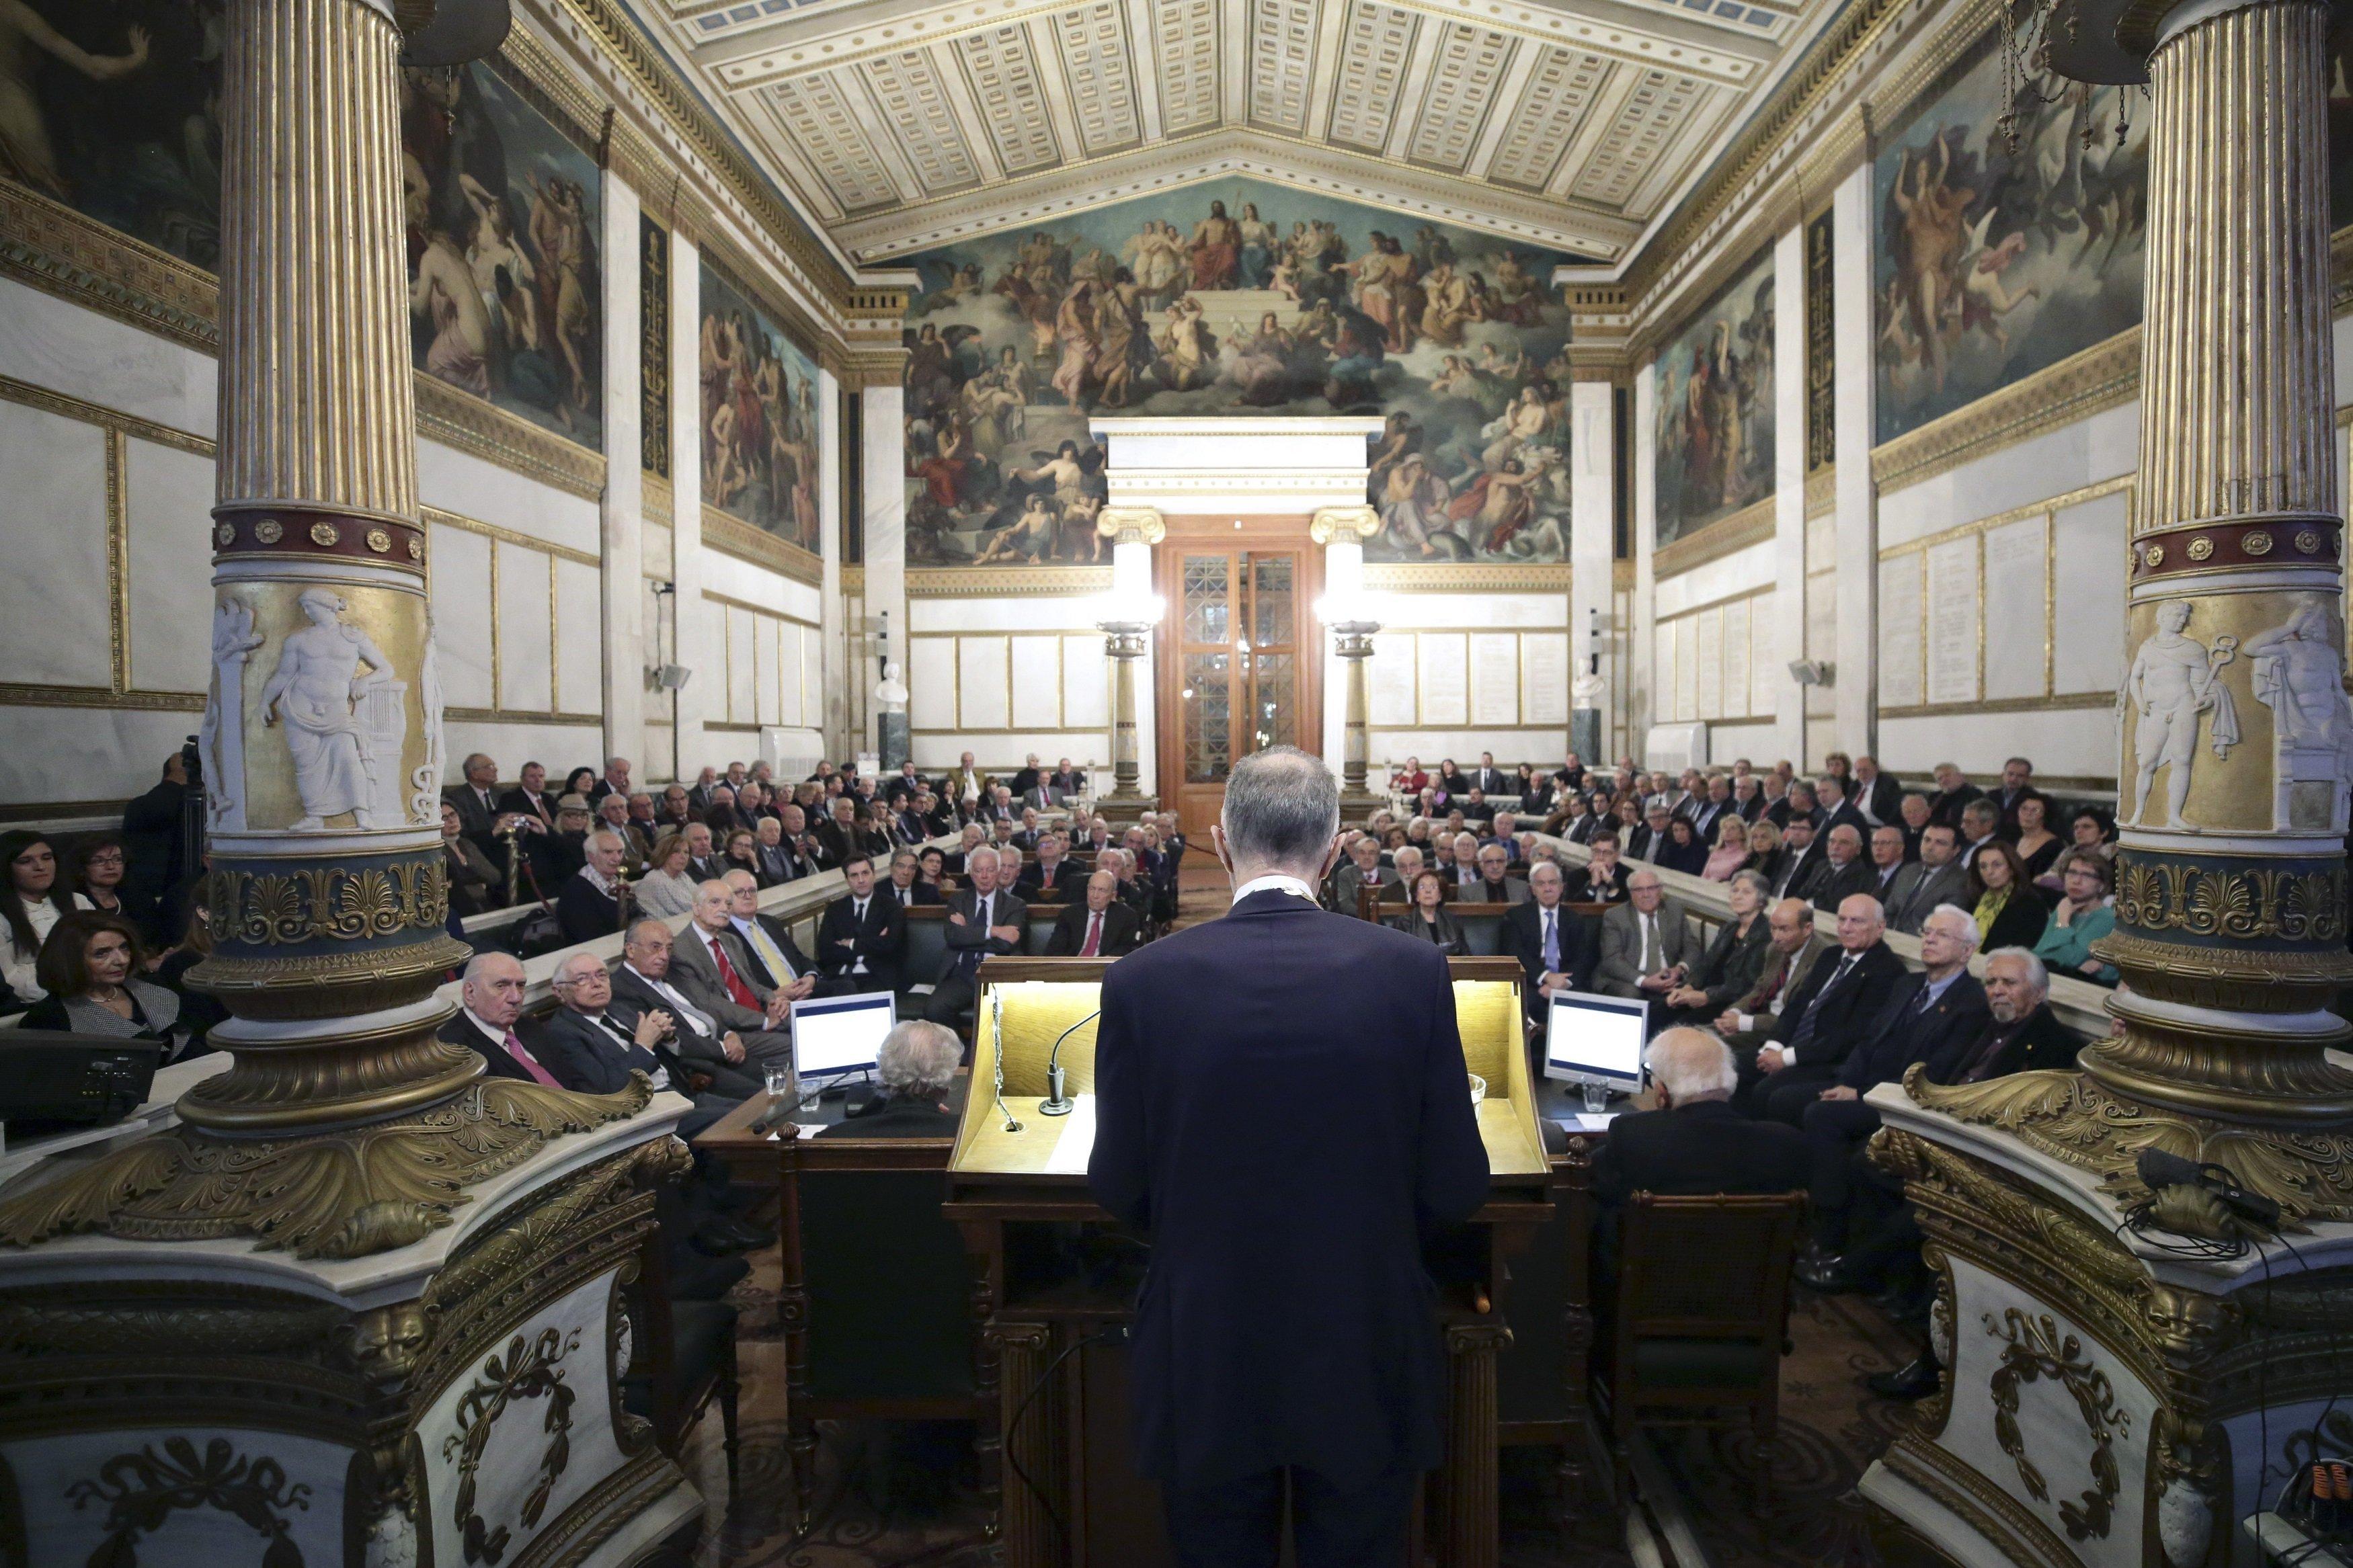 Βασίλης Ράπανος στην Ακαδημία Αθηνών: Οι πολίτες θα εμπιστευθούν μόνον υγιείς δημόσιους